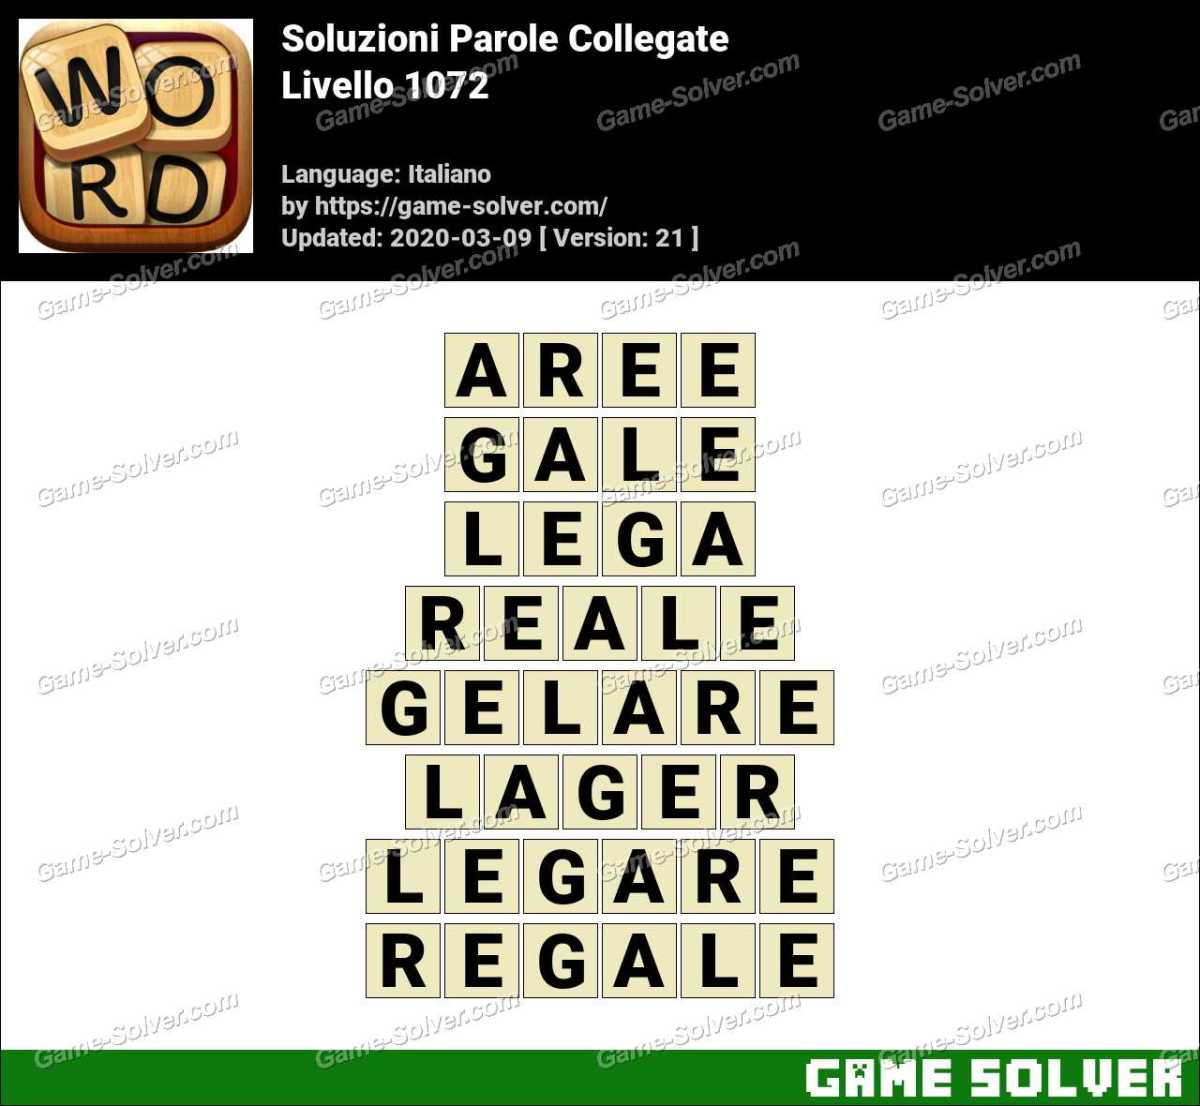 Soluzioni Parole Collegate Livello 1072